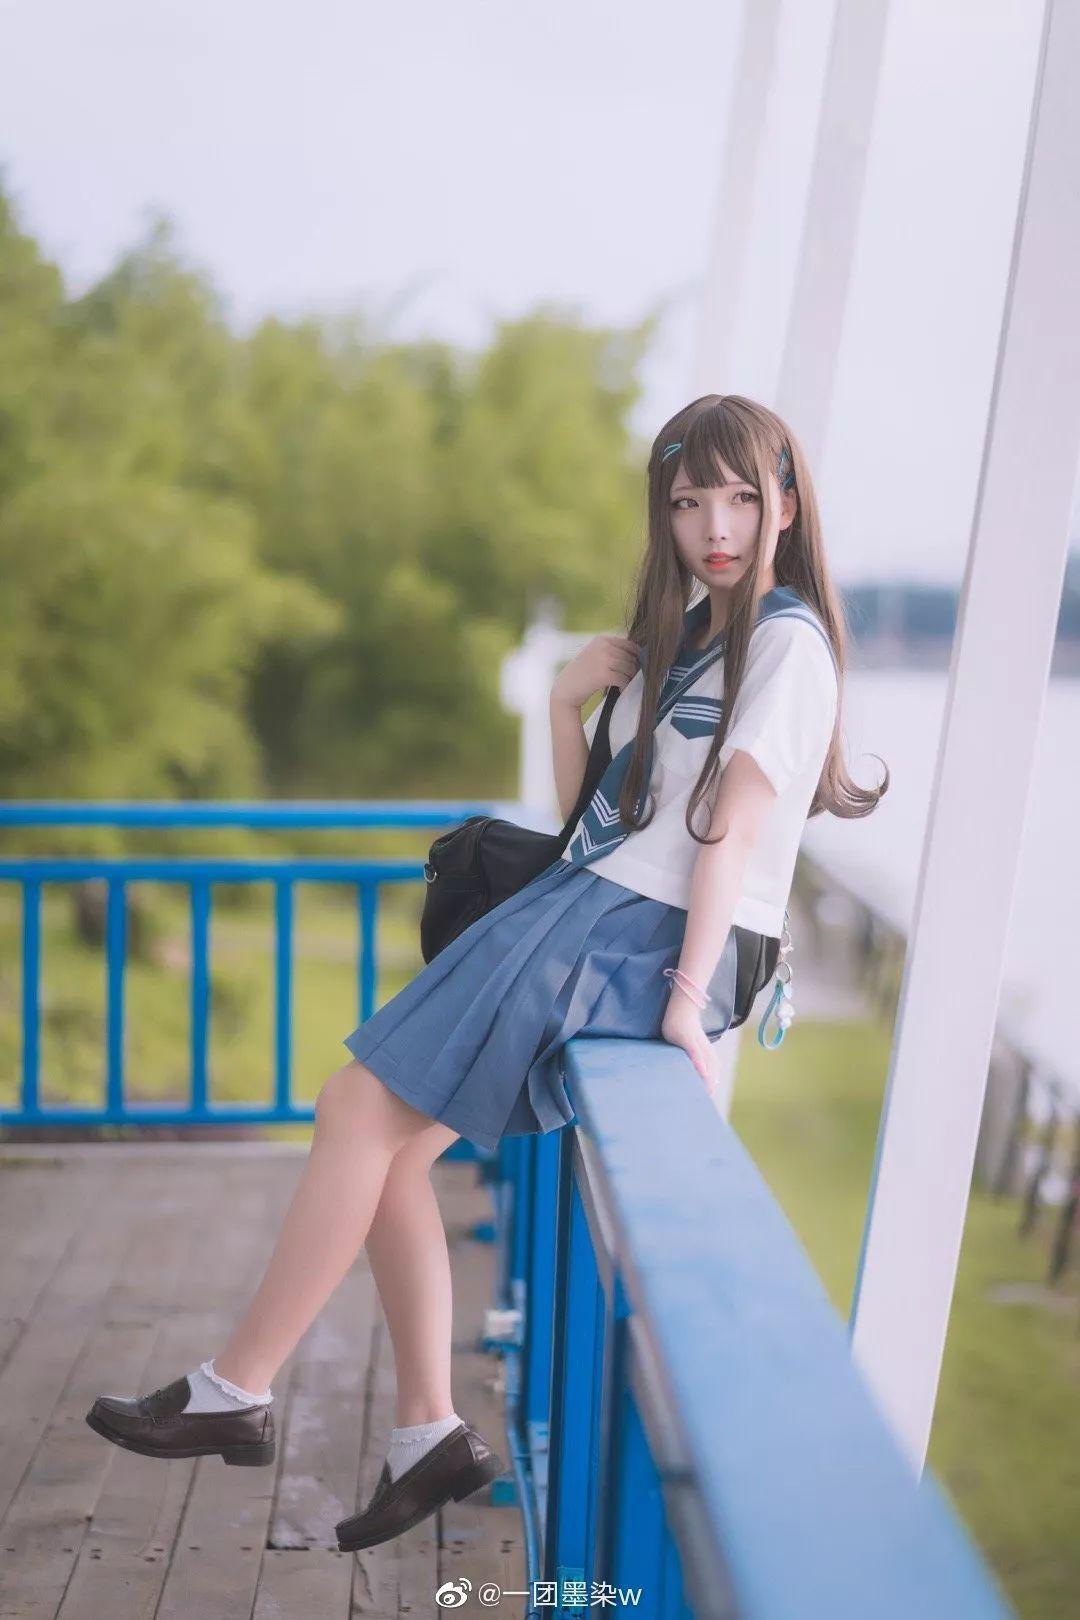 妹子摄影 – 白丝袜连衣裙少女和JK制服元气女孩_图片 No.10